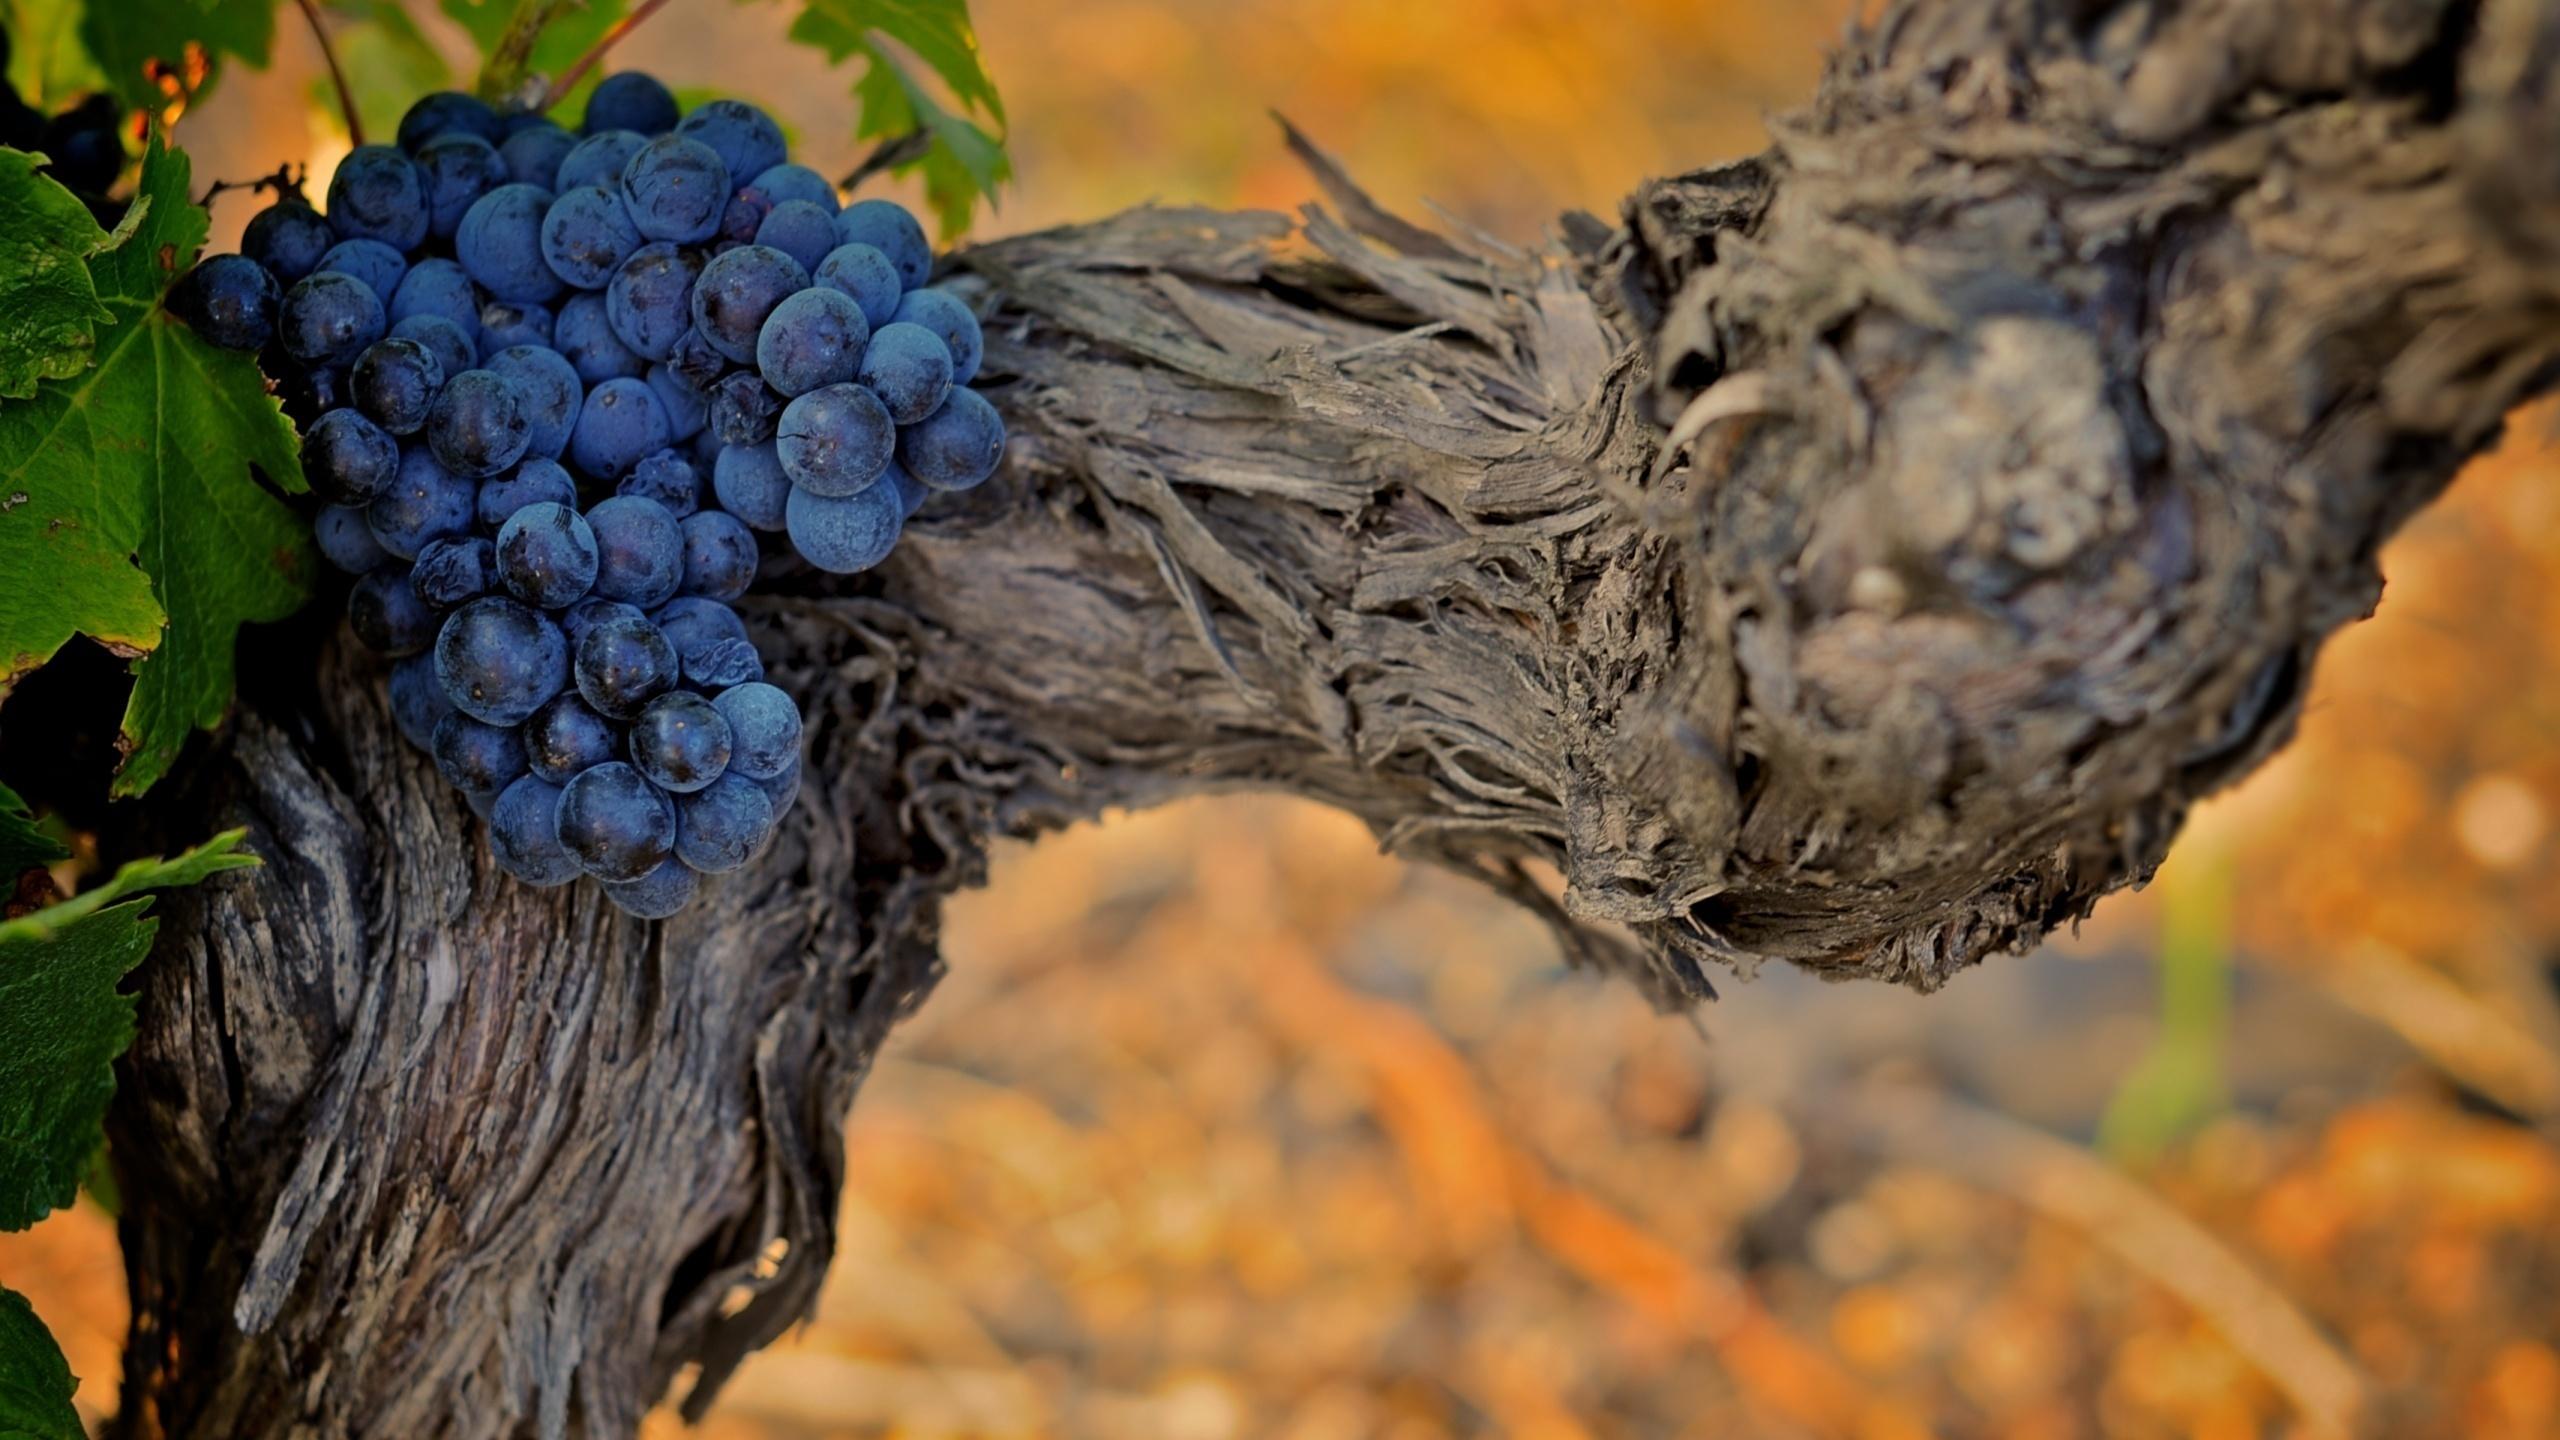 этом, красивые картинки виноградной лозы фотографию, нарушающую все